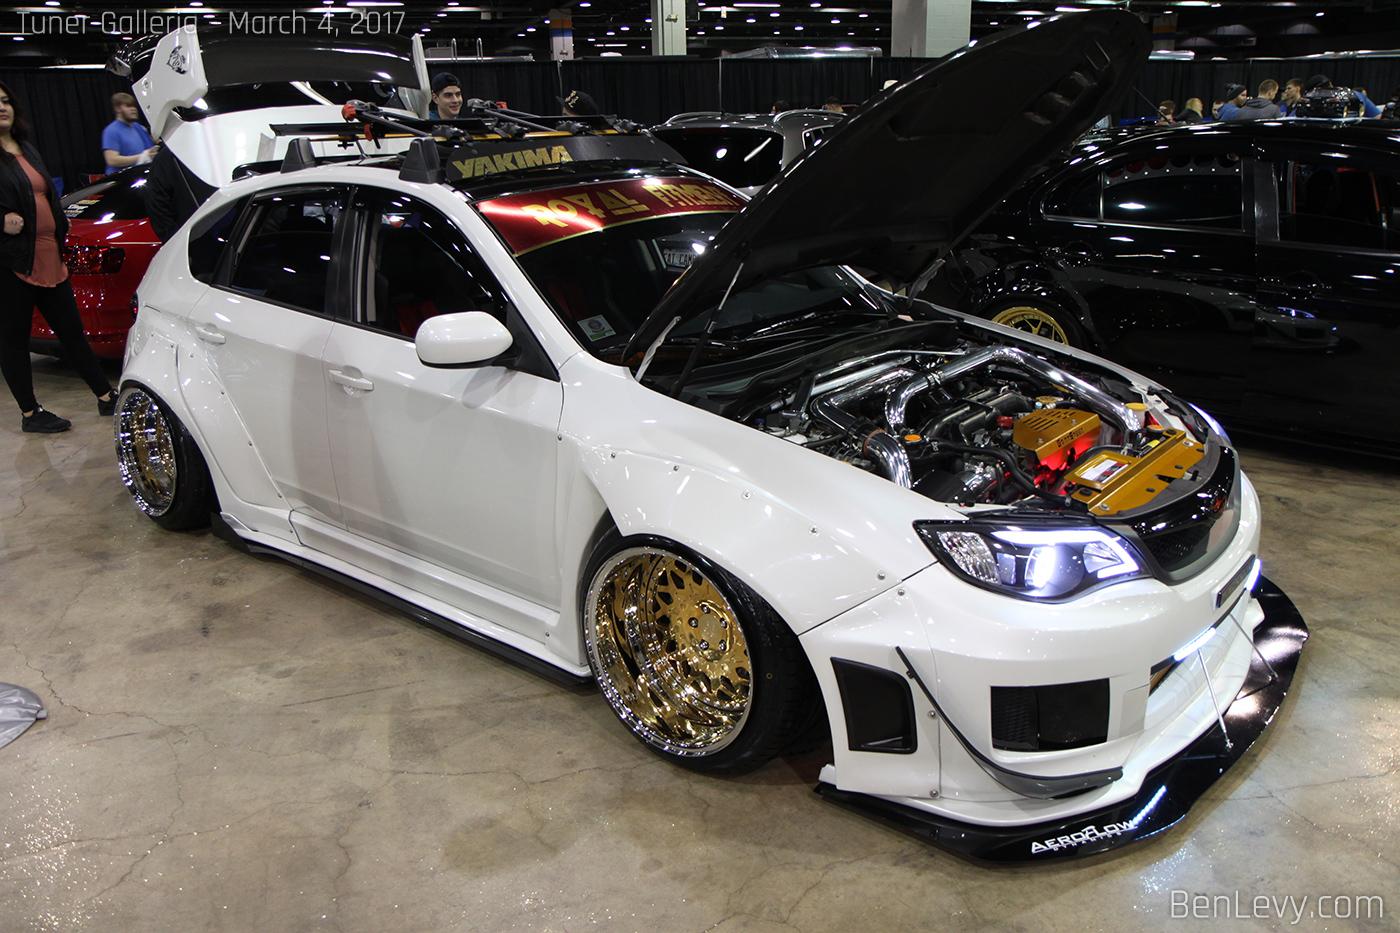 White WRX hatchback